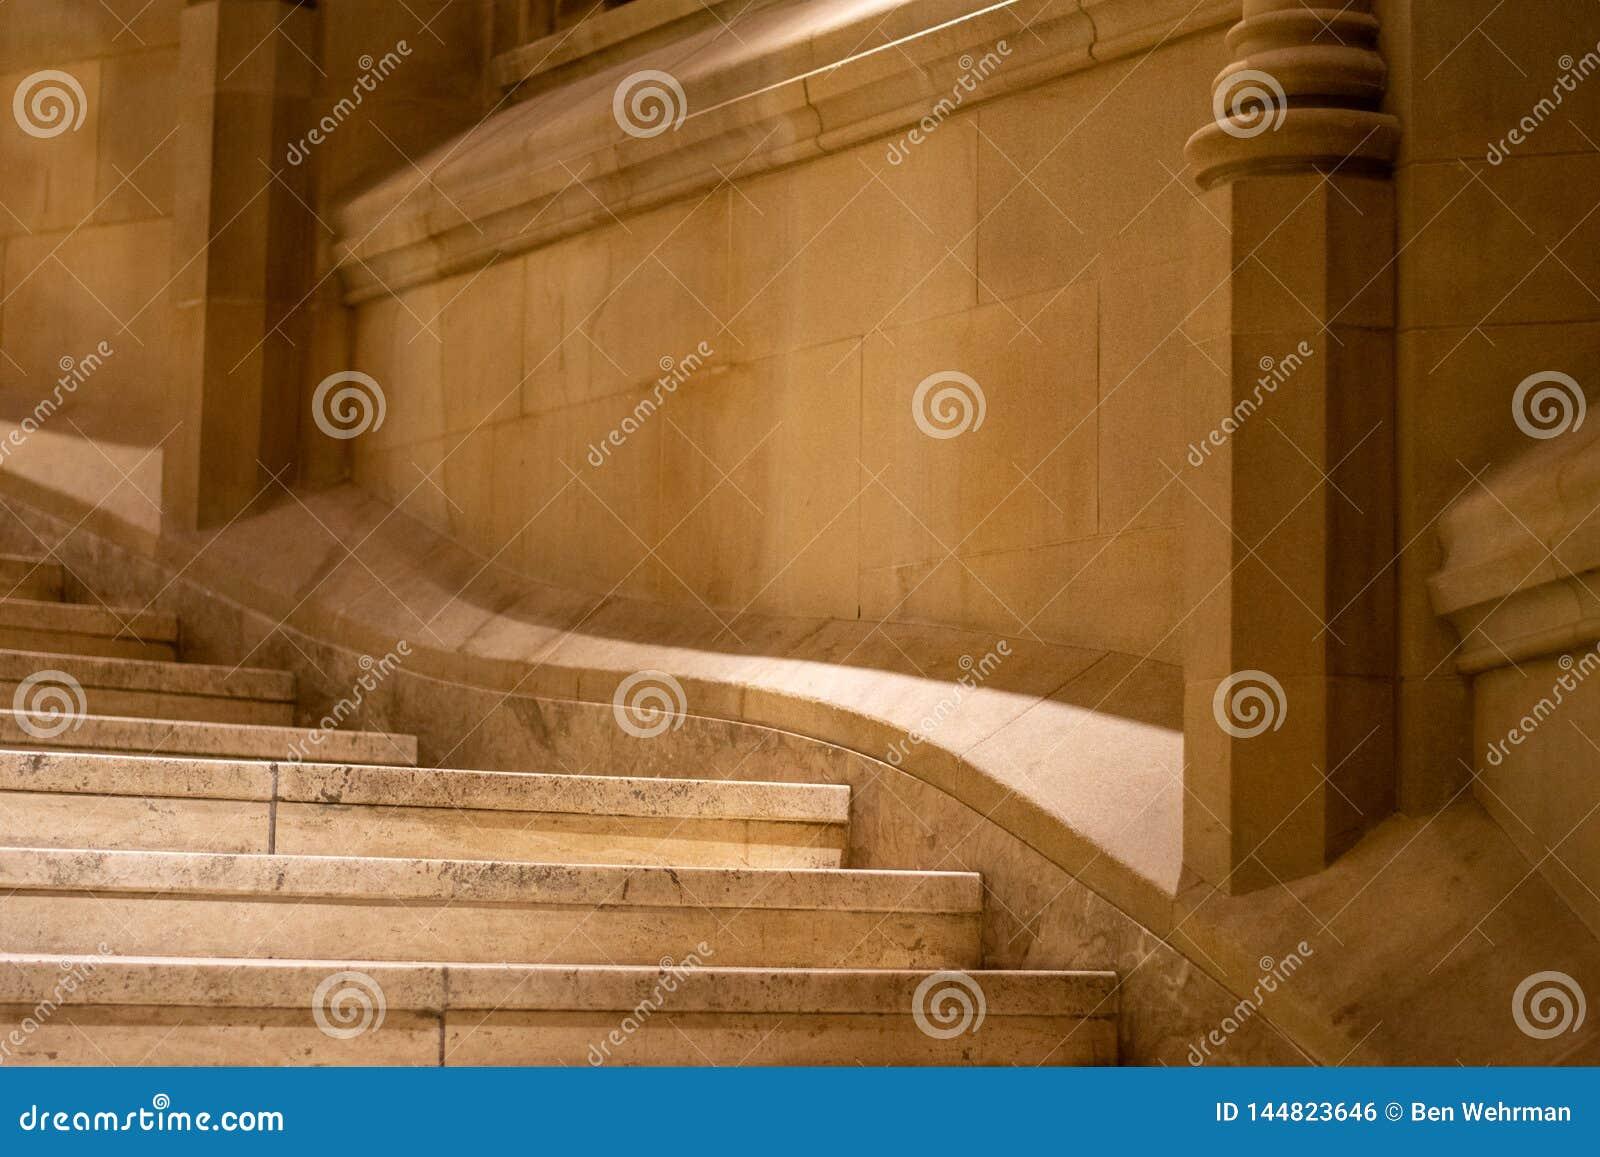 Лестница архитектурного дизайна